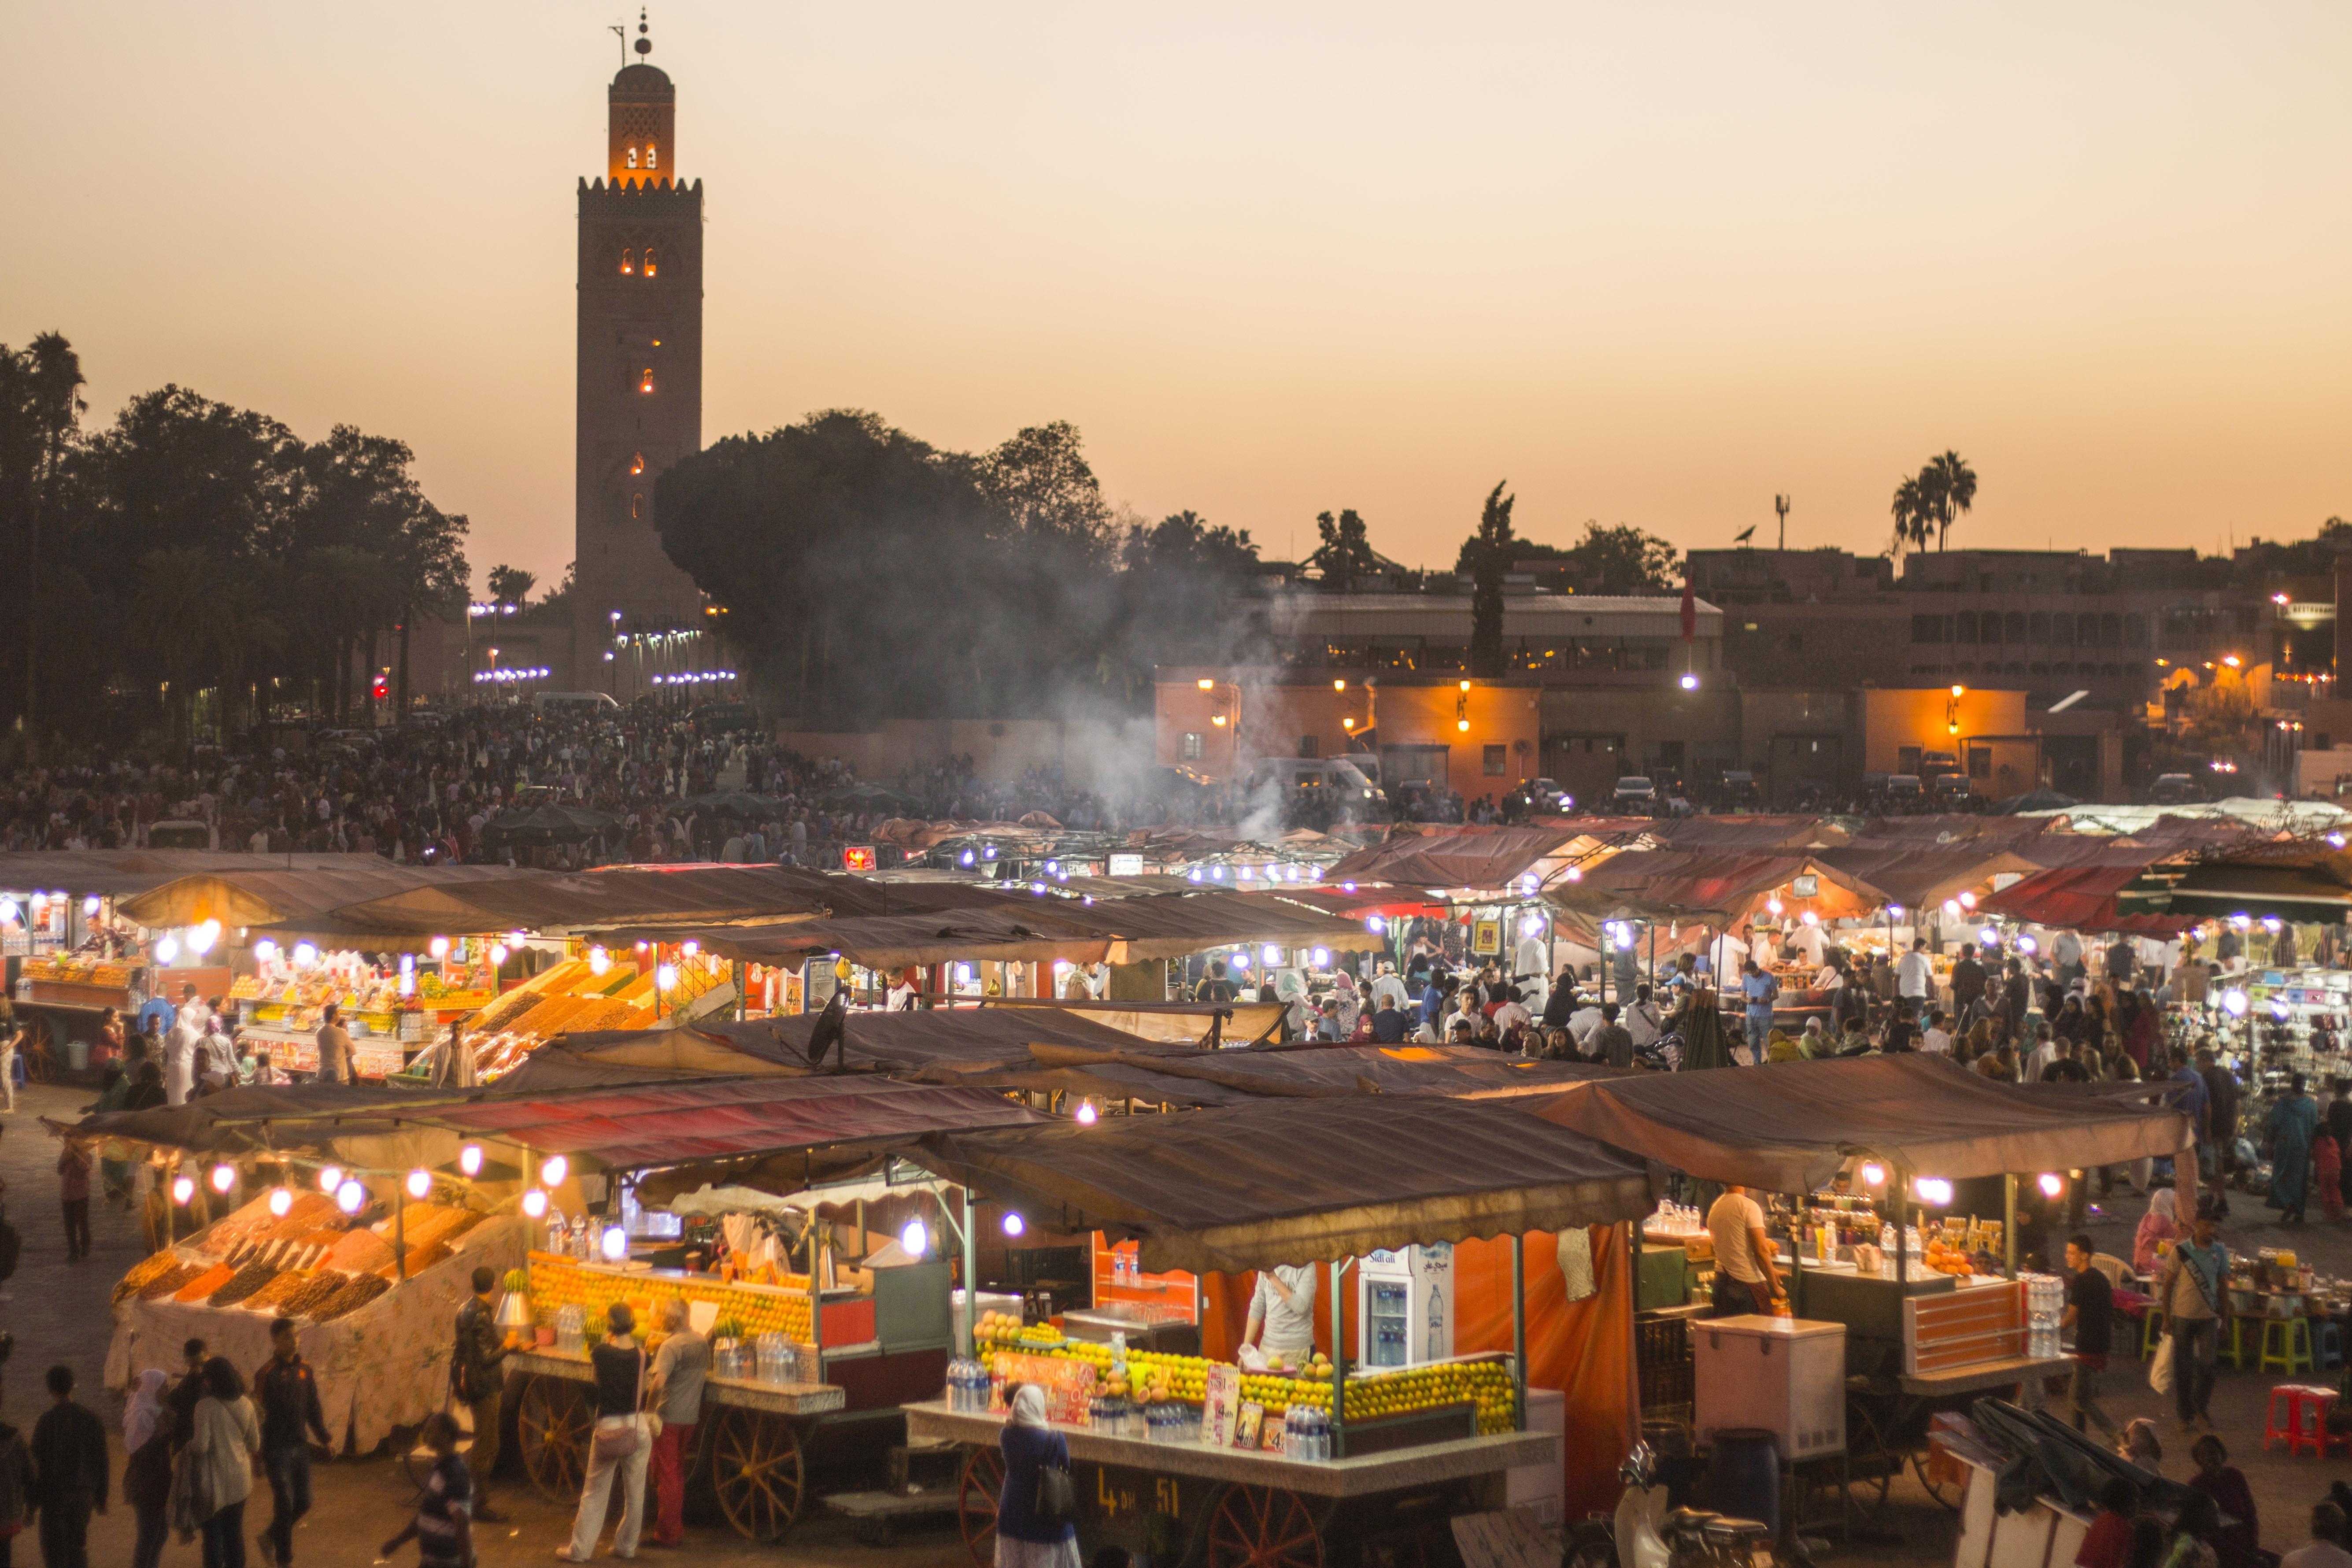 Amplia vista de todos los puestos en la plaza principal de Marrakech